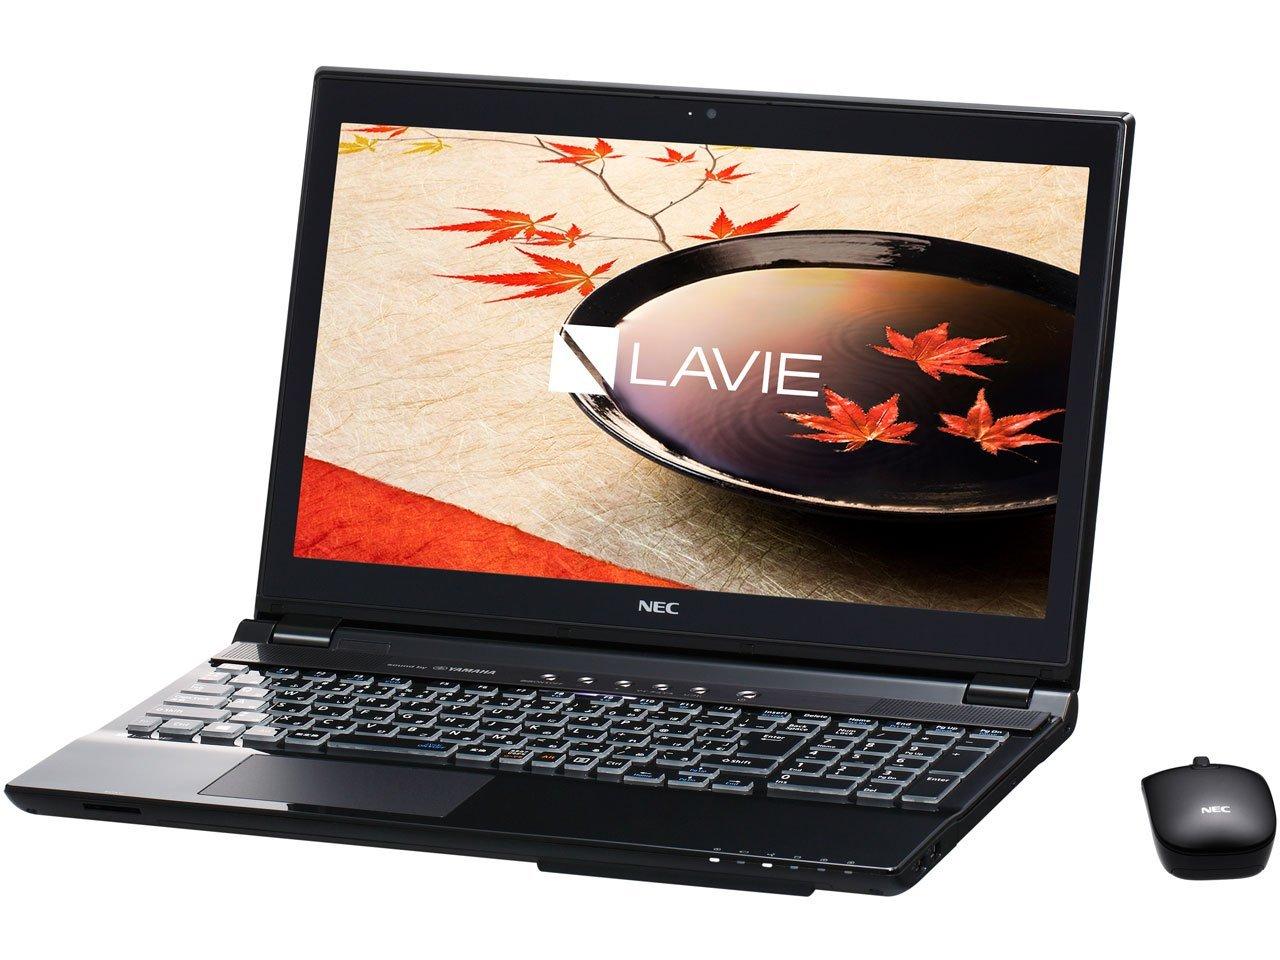 日本電気 LAVIE Note Standard - NS750/CAB クリスタルブラック PC-NS750CAB   B0159VSRI6